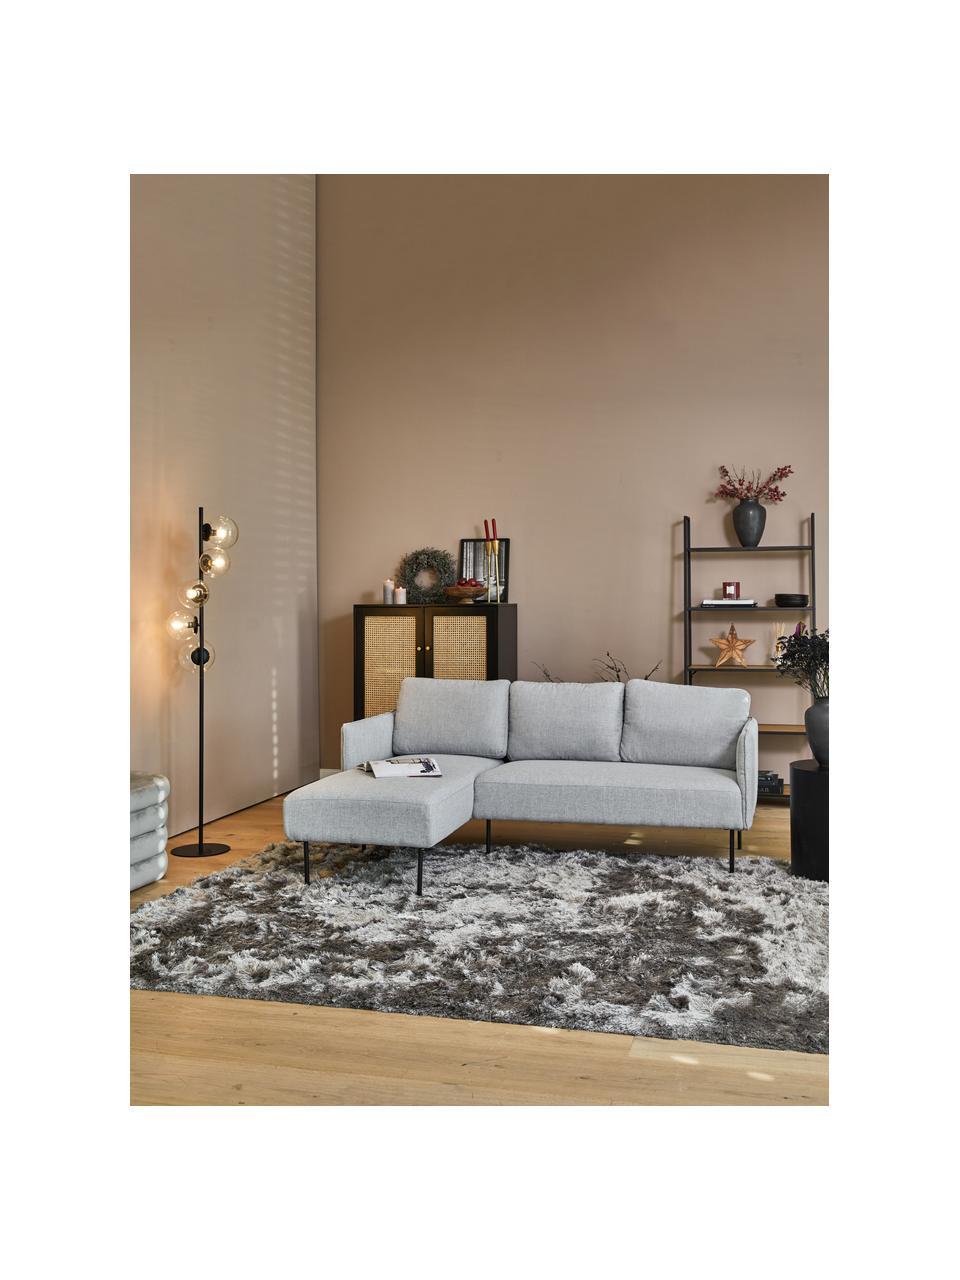 Hoekbank Ramira in lichtgrijs met metalen poten, Bekleding: polyester, Frame: massief grenenhout, multi, Poten: gepoedercoat metaal, Lichtgrijs, B 192 x D 139 cm